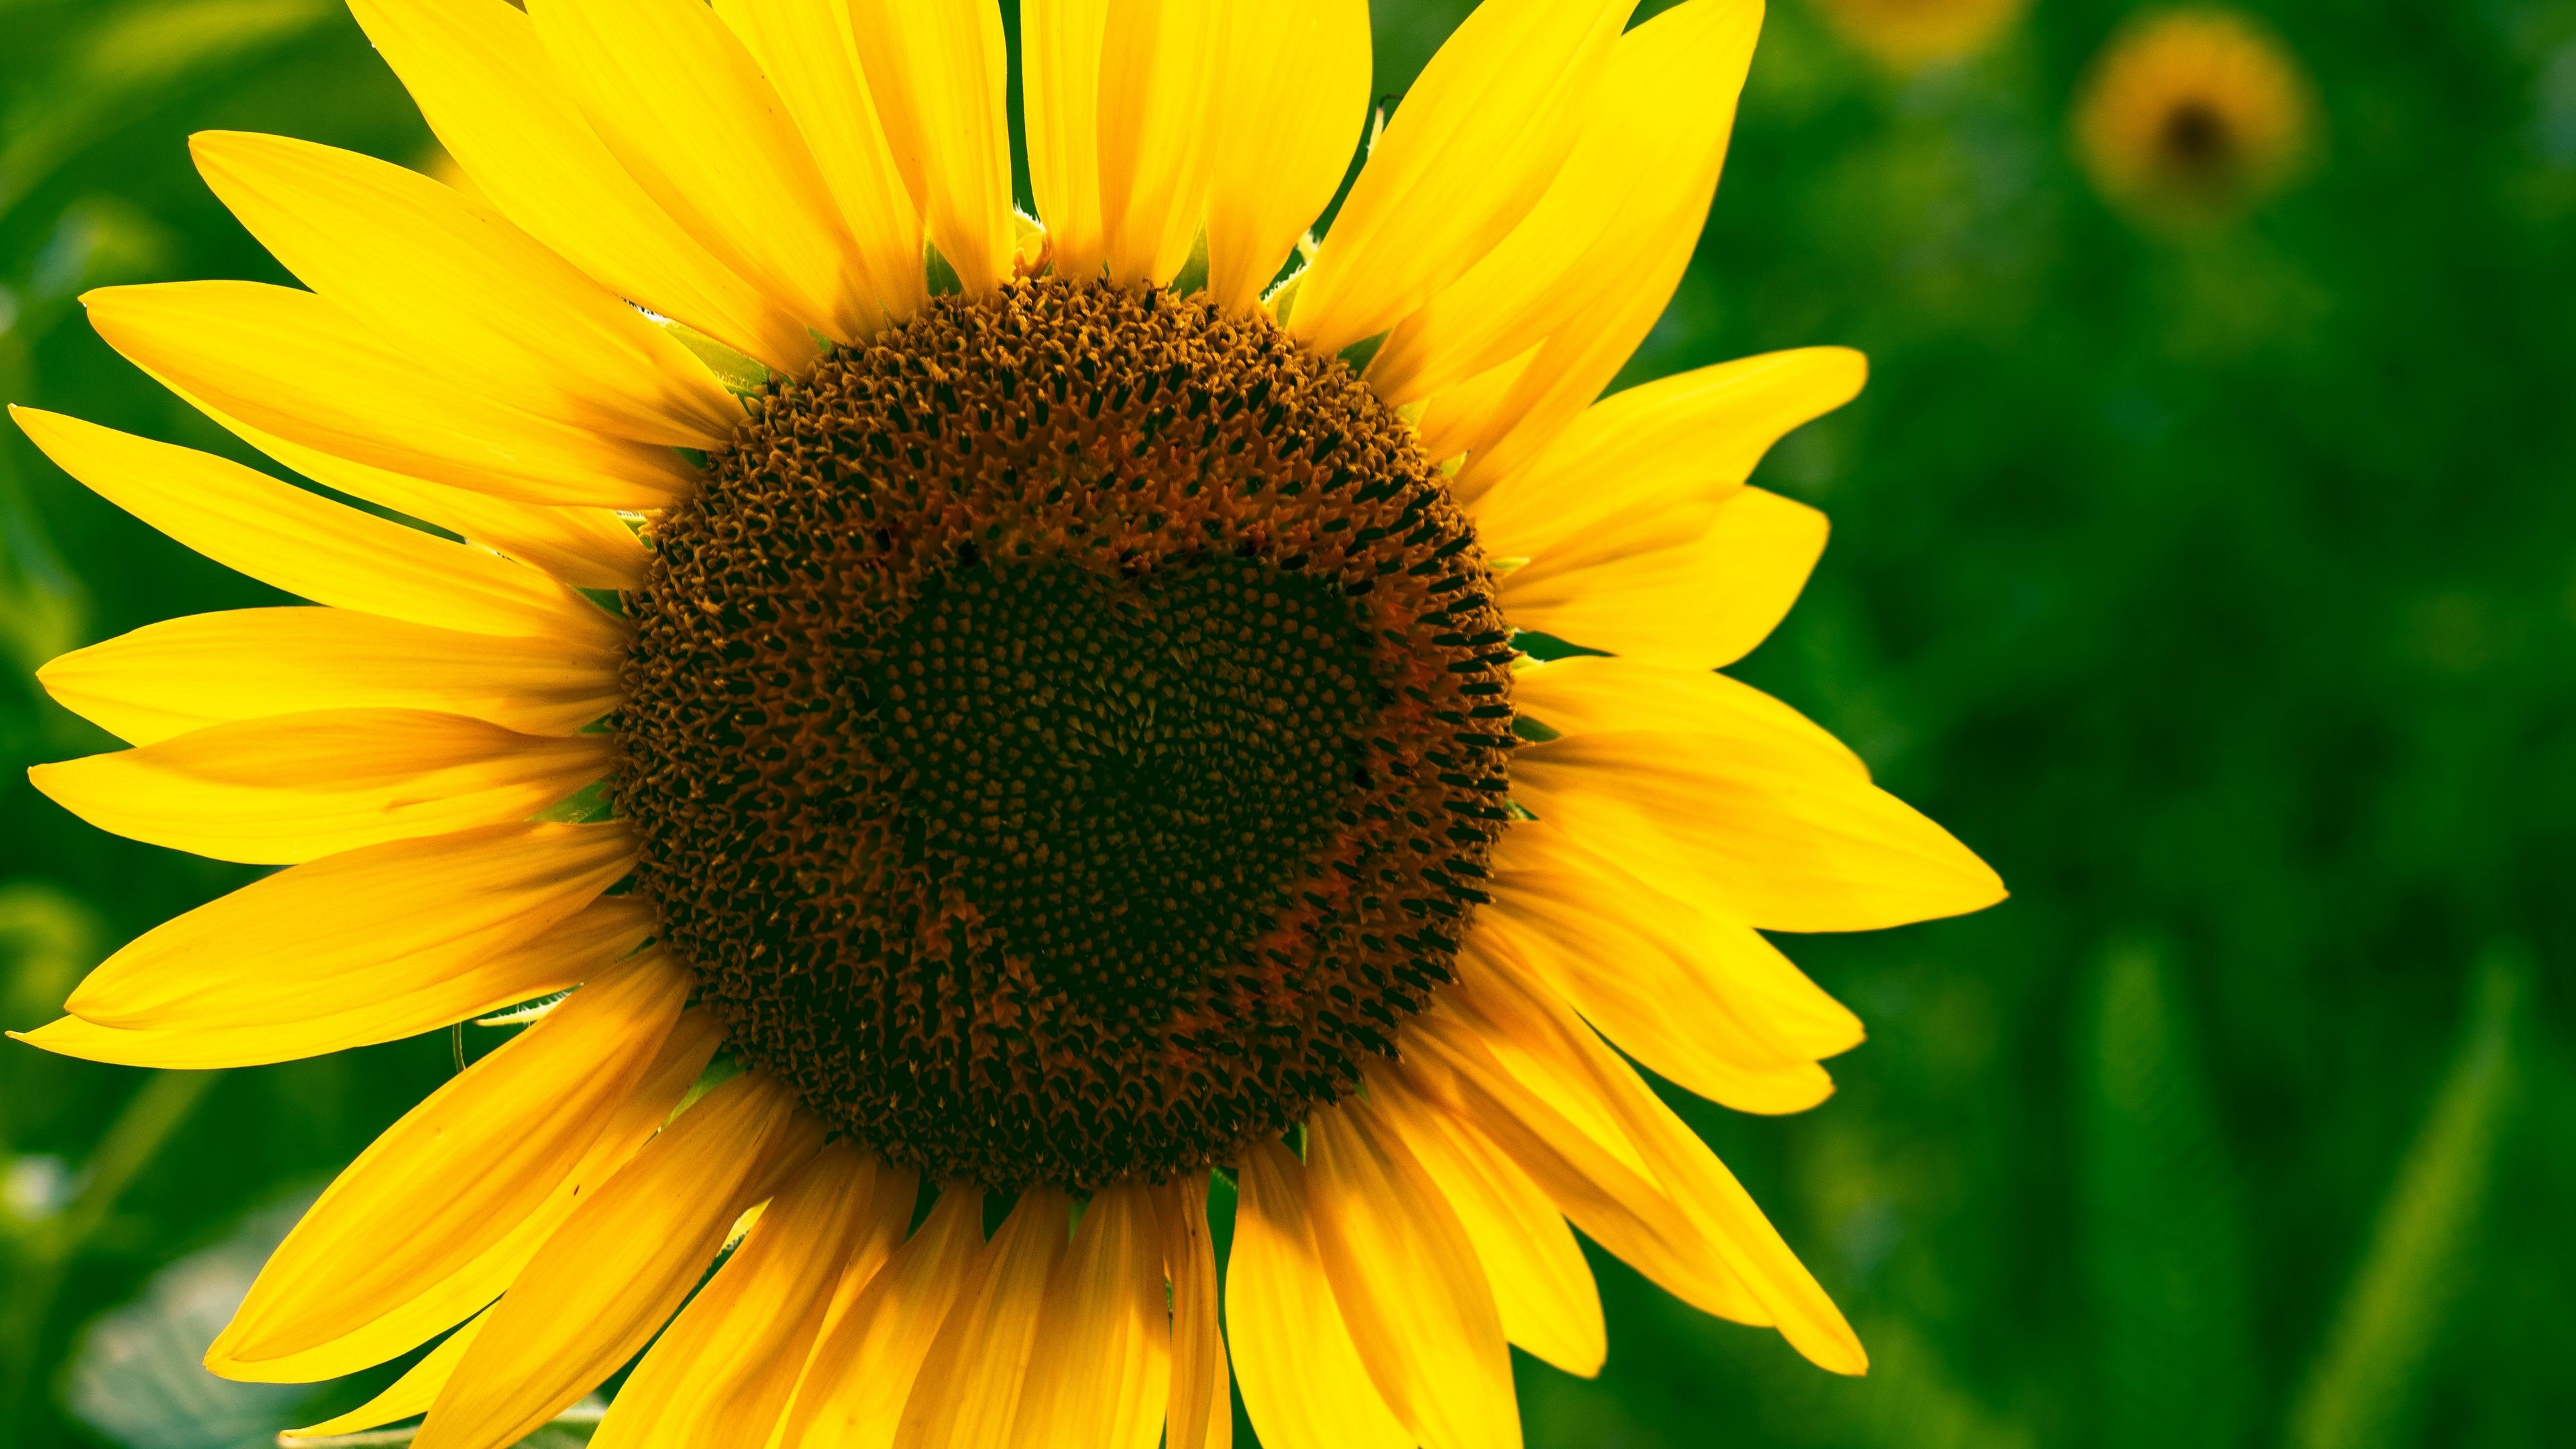 sunflower heart bloom flower 4k 1540064560 - sunflower, heart, bloom, flower 4k - Sunflower, Heart, Bloom